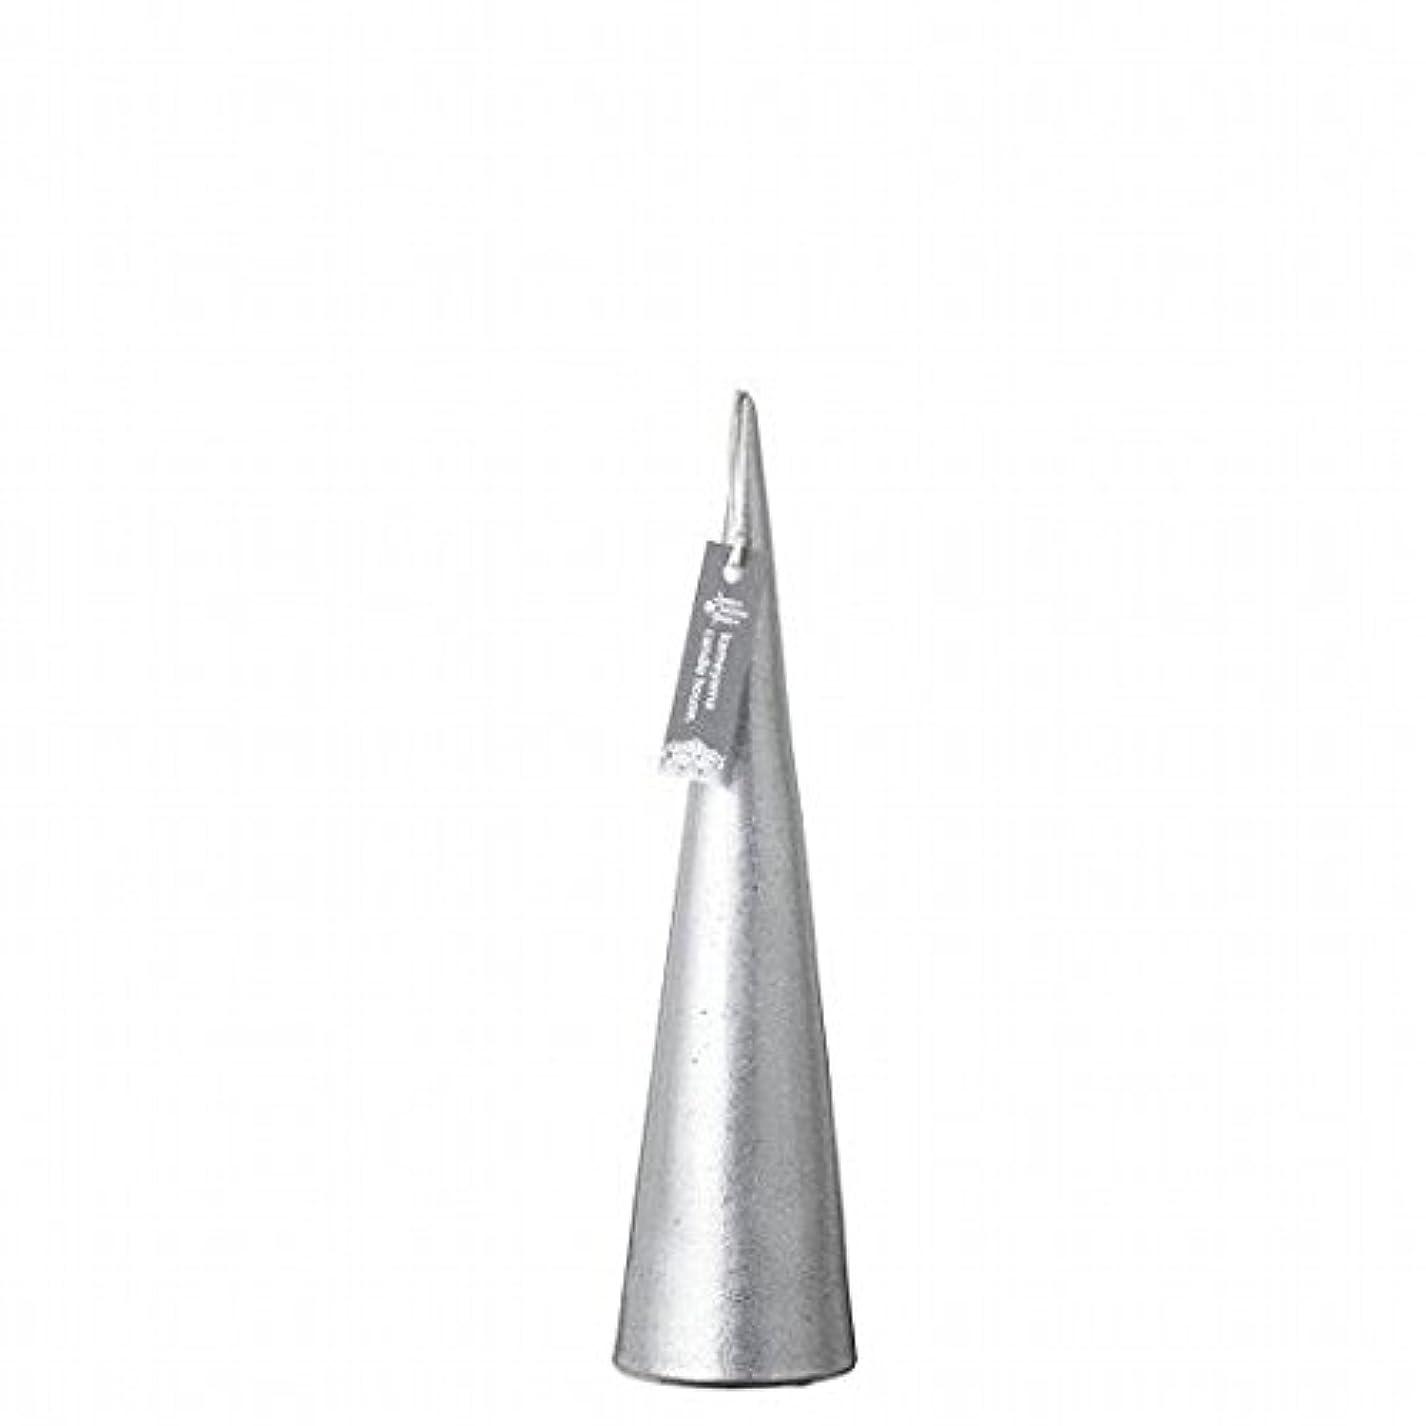 ジュニアスパン個性kameyama candle(カメヤマキャンドル) メタリックコーンM 「 シルバー 」(A9560110SI)